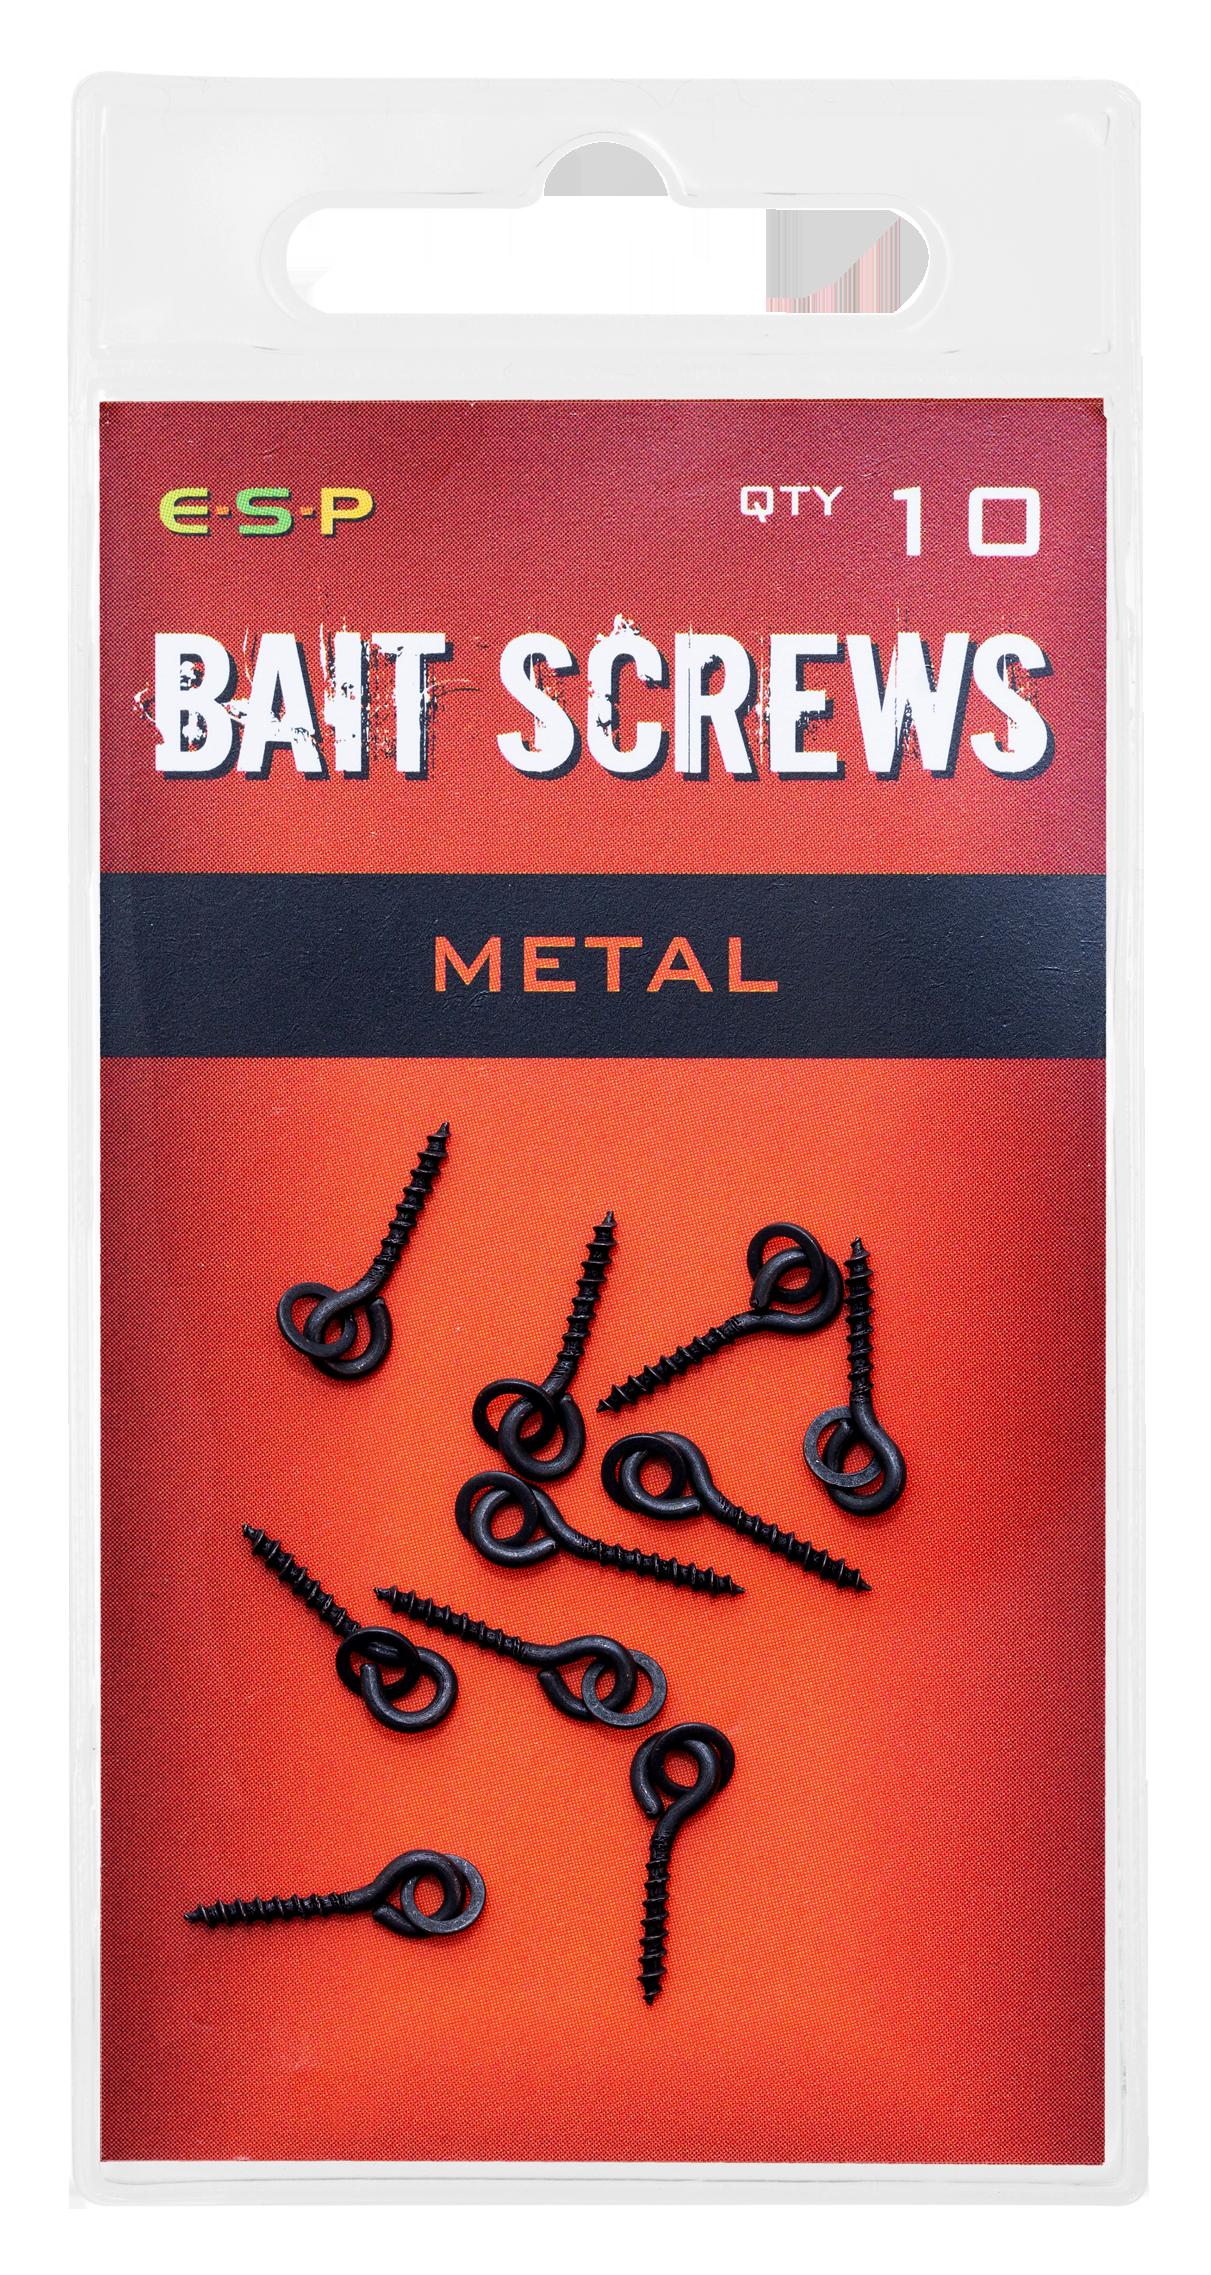 metalscrew2.png